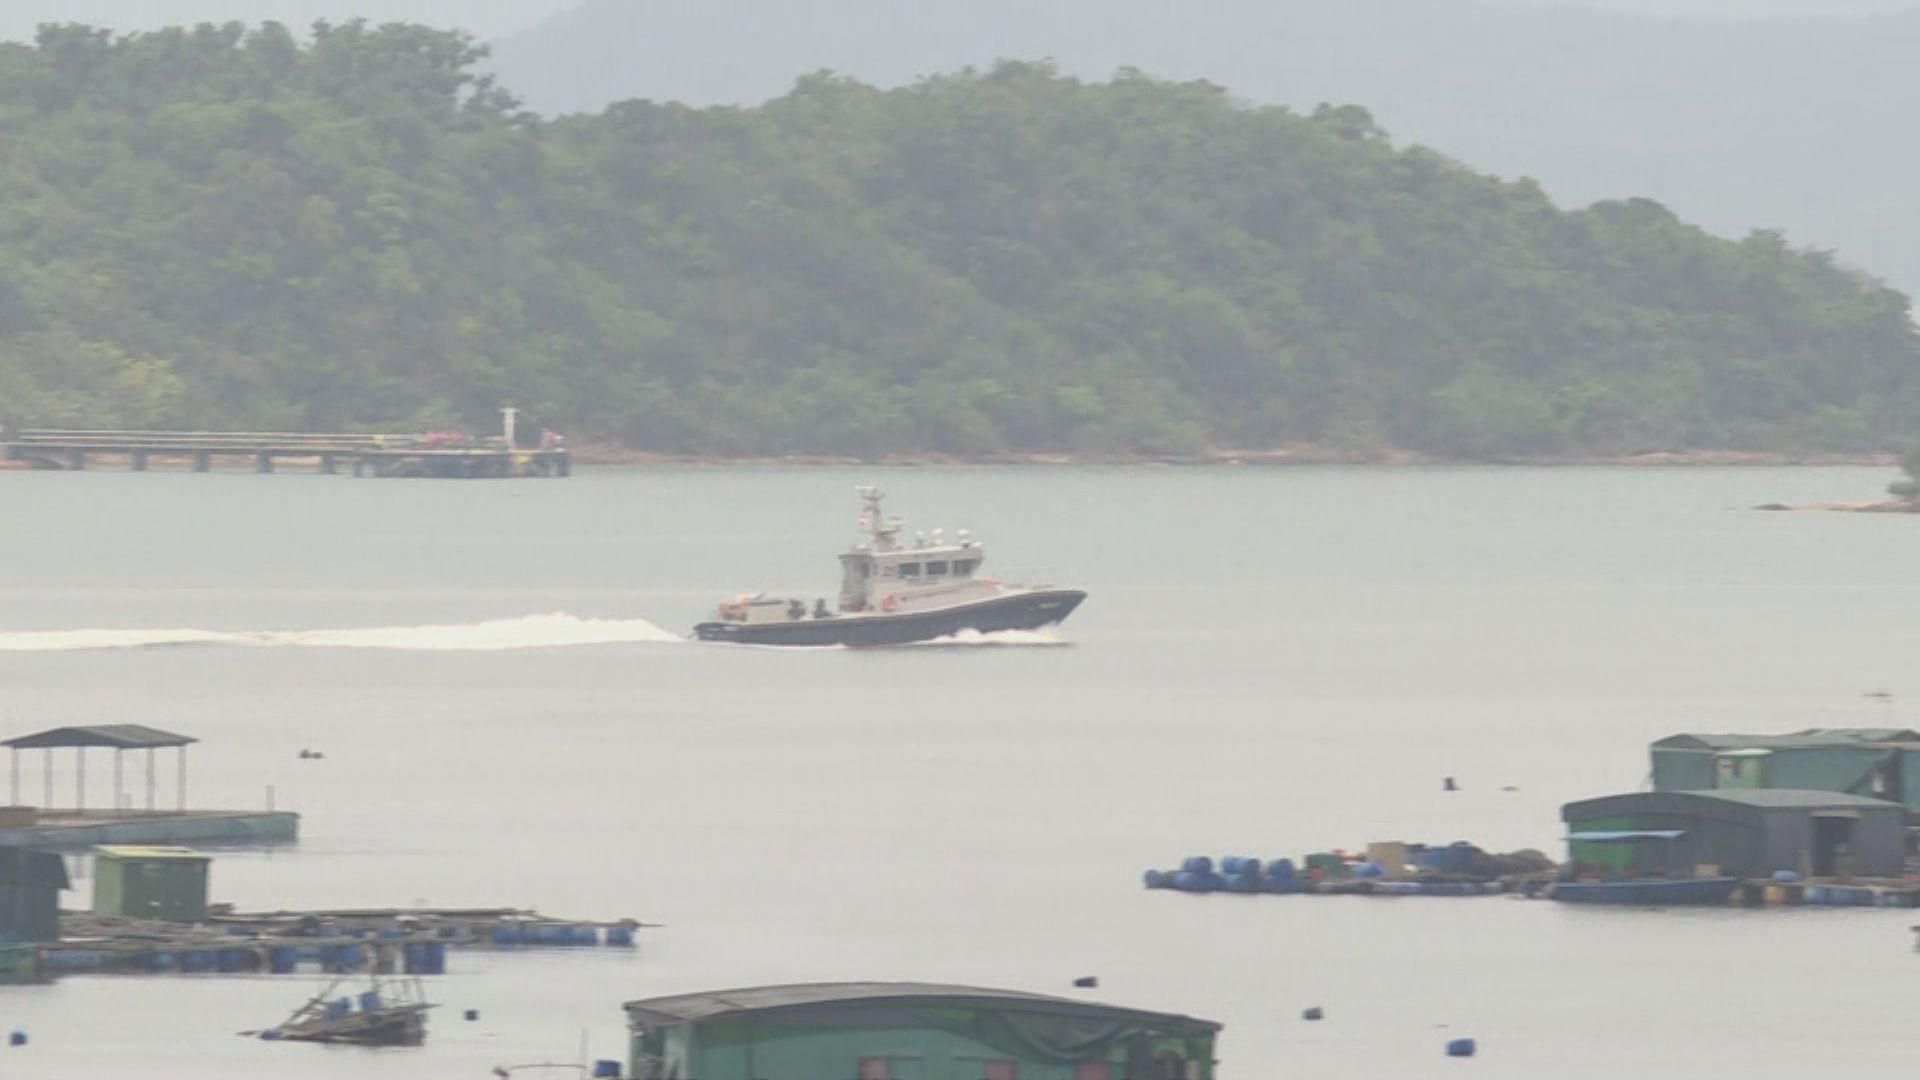 西貢快艇與舢舨相撞 一人墮海死亡